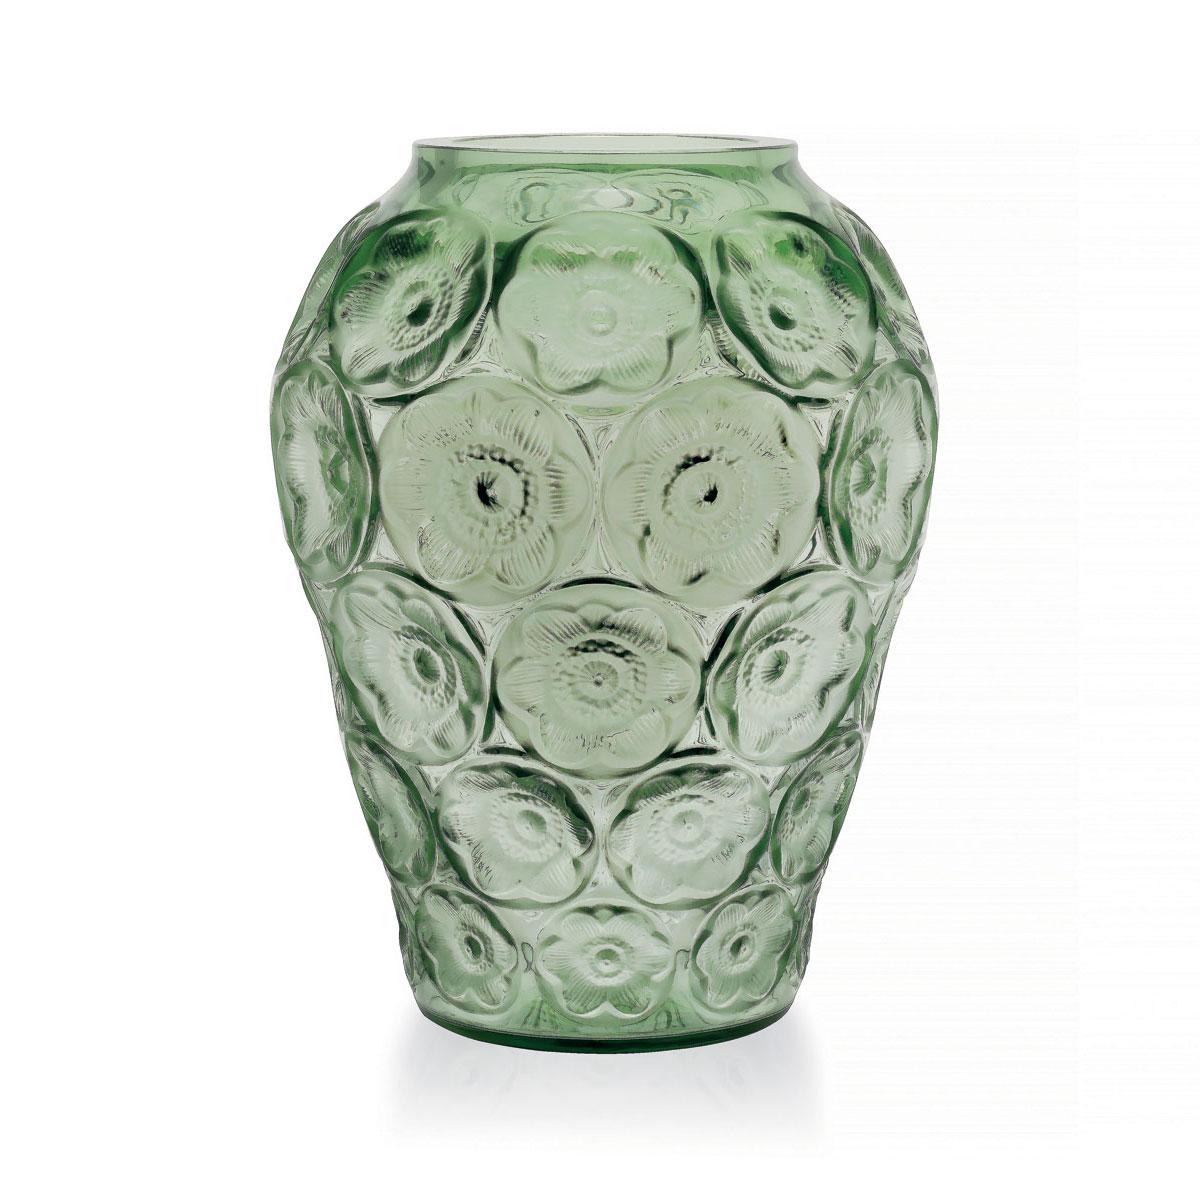 Lalique Crystal, Anemones Crystal Vase, Green